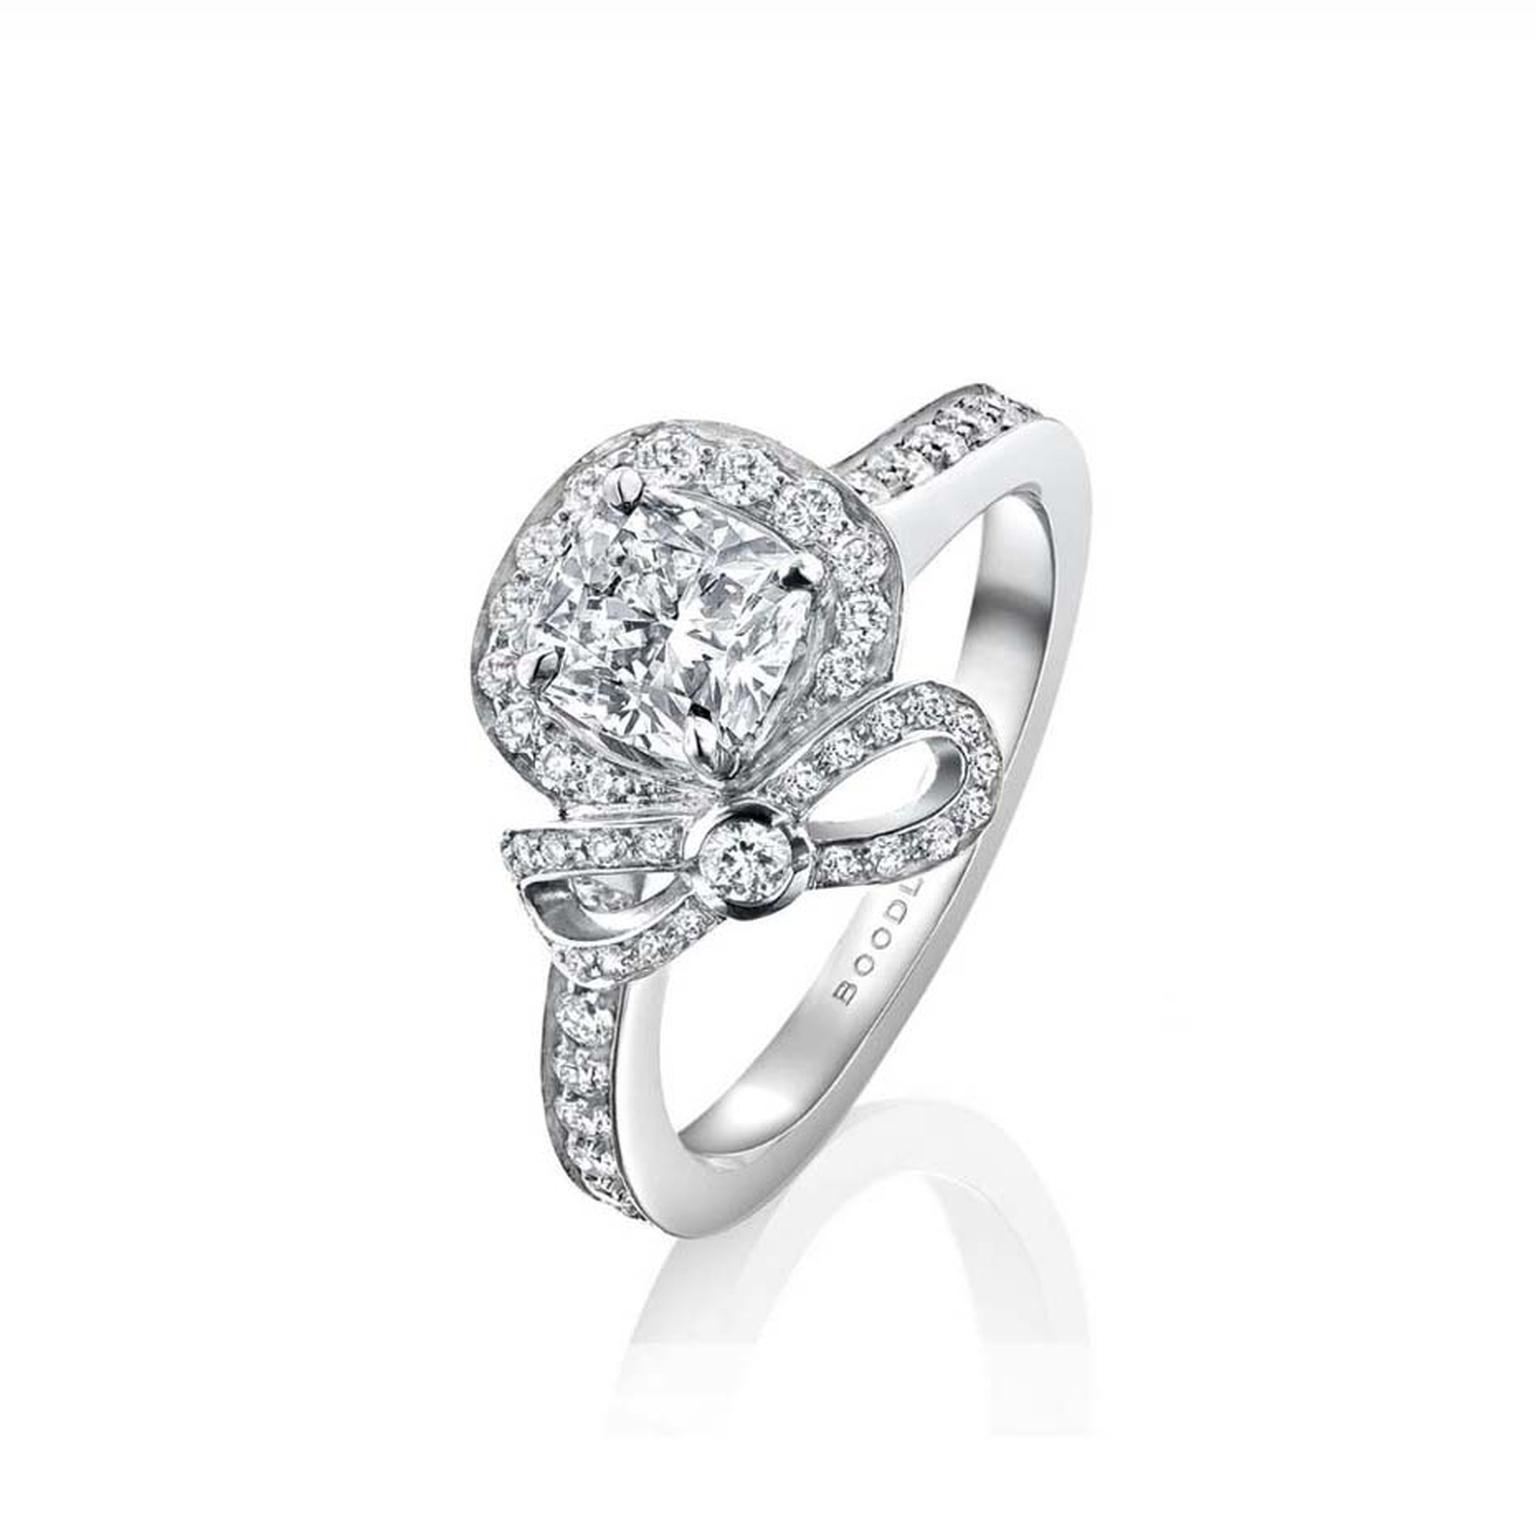 Boodles Vintage Rosette cushion cut diamond engagement ring